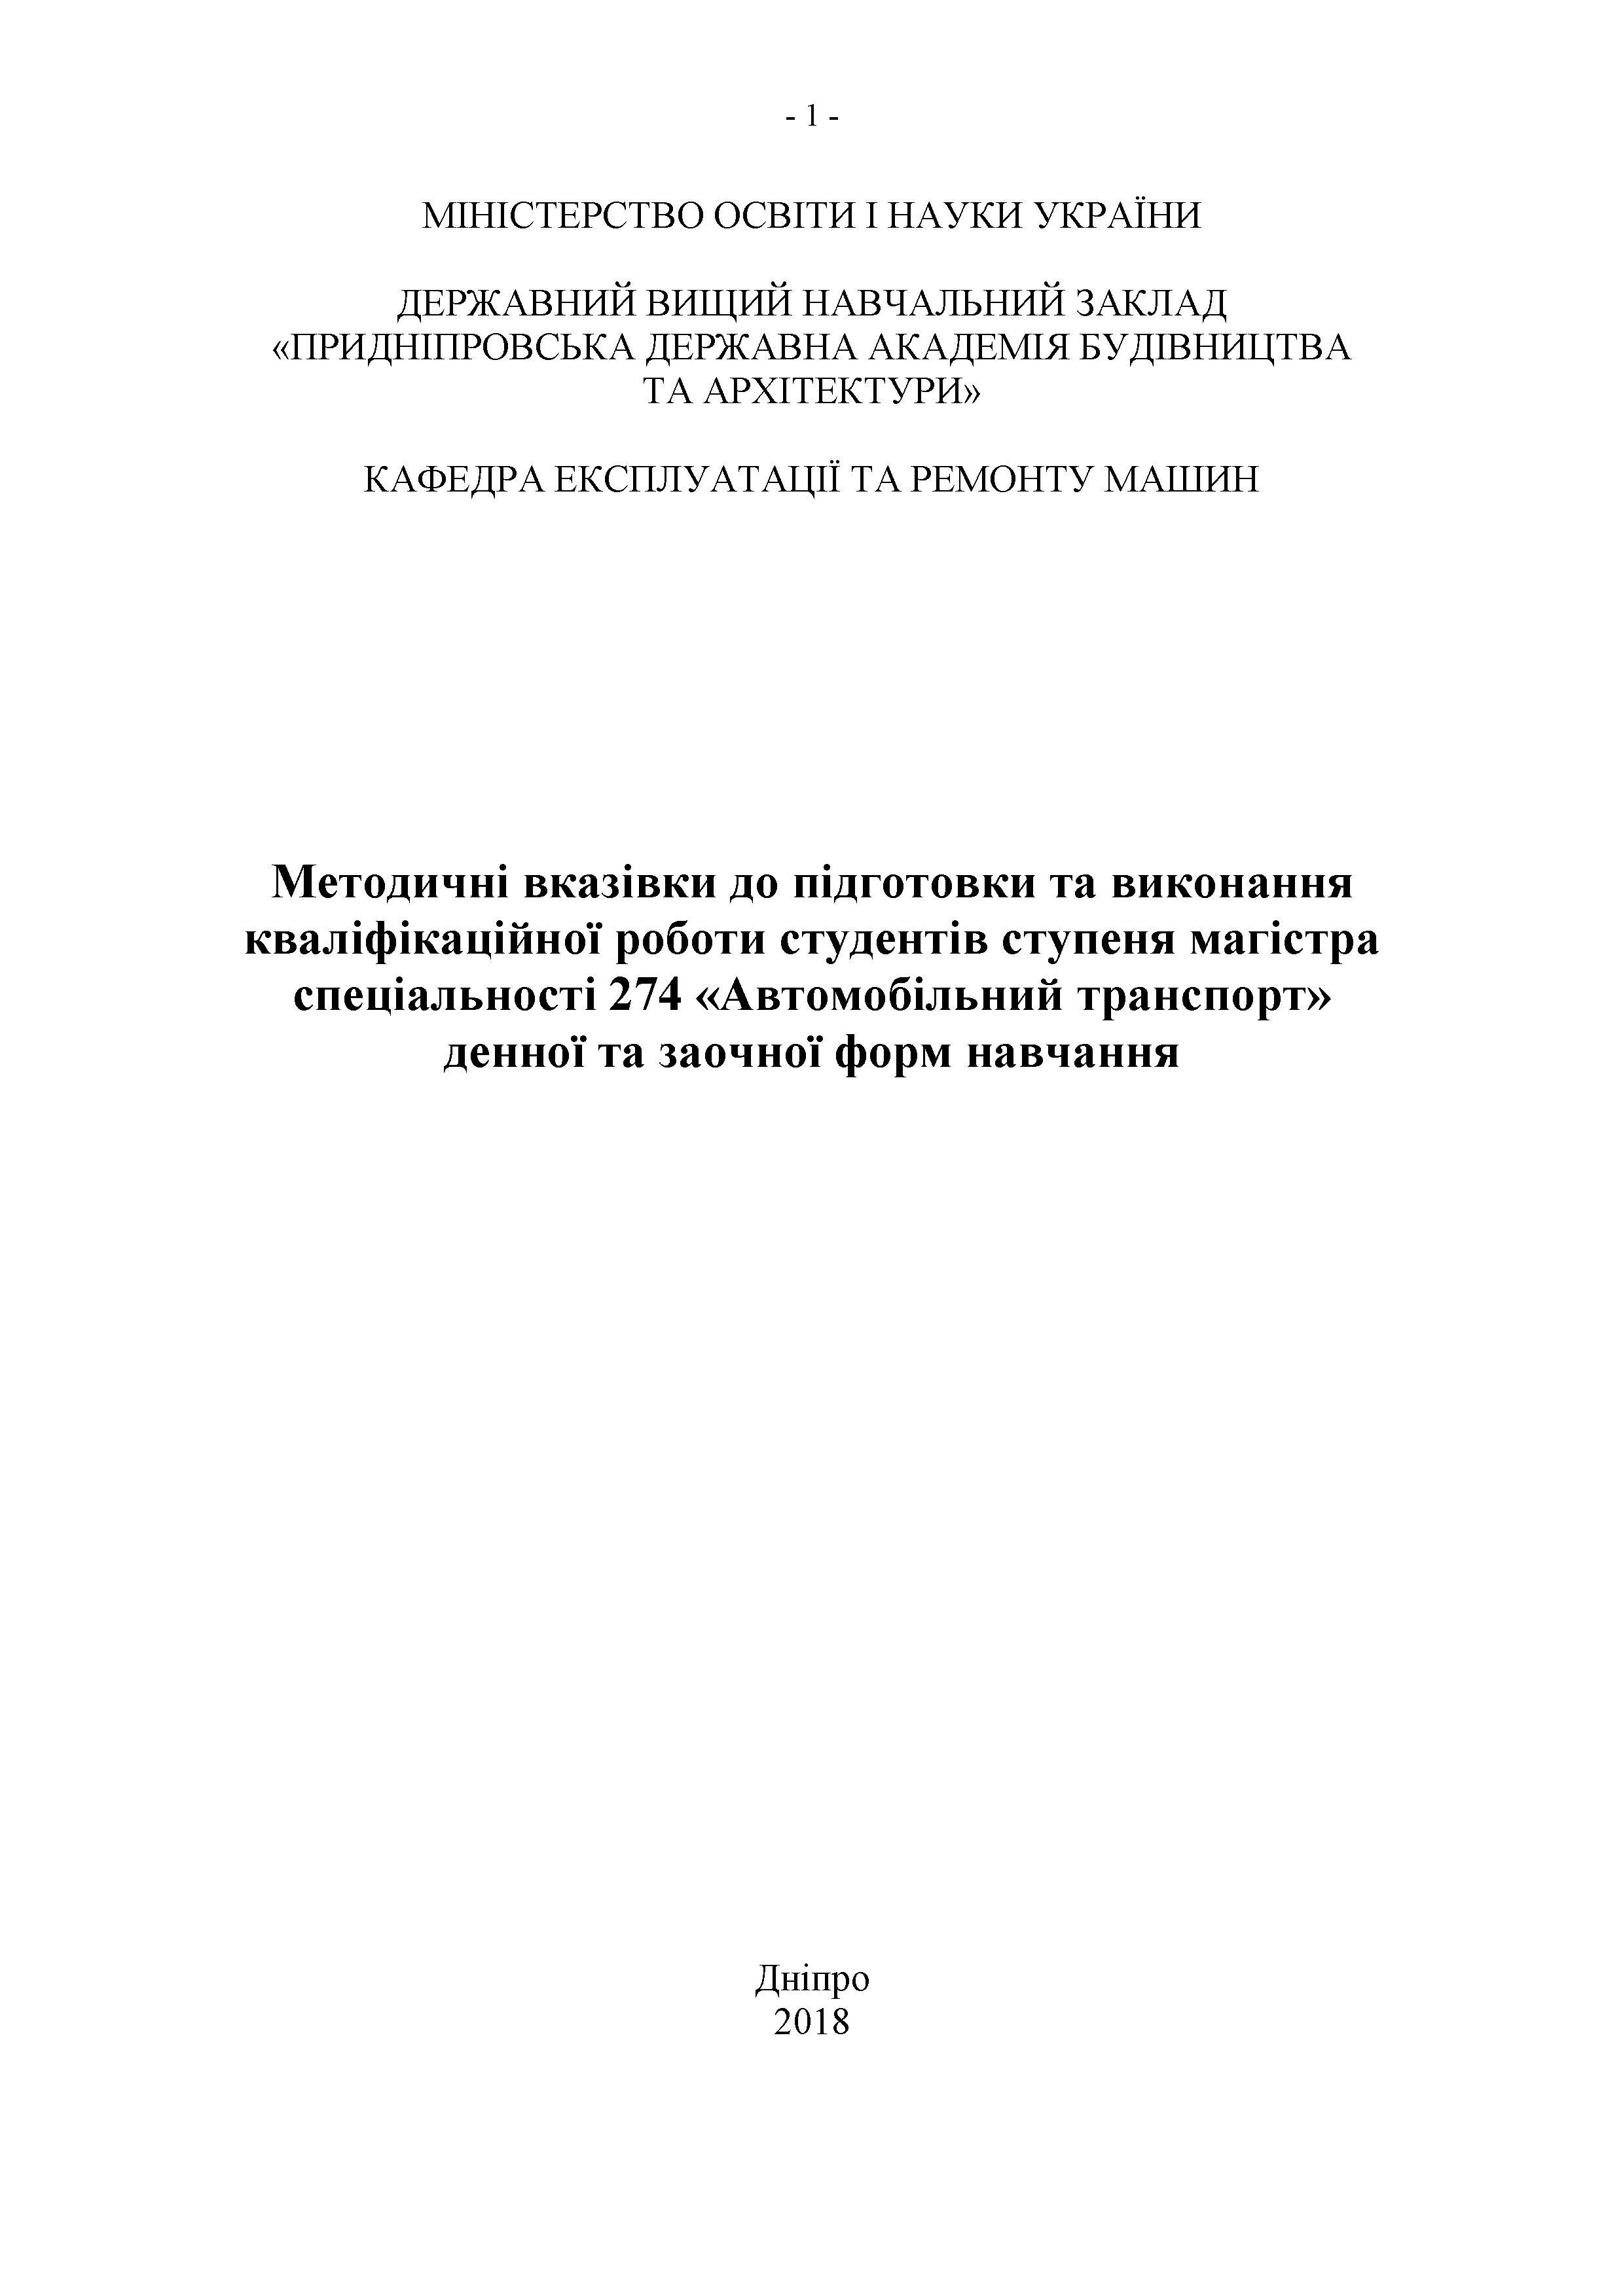 Методичні вказівки до підготовки та виконання кваліфікаційної роботи студентів ступеня магістра, 2018